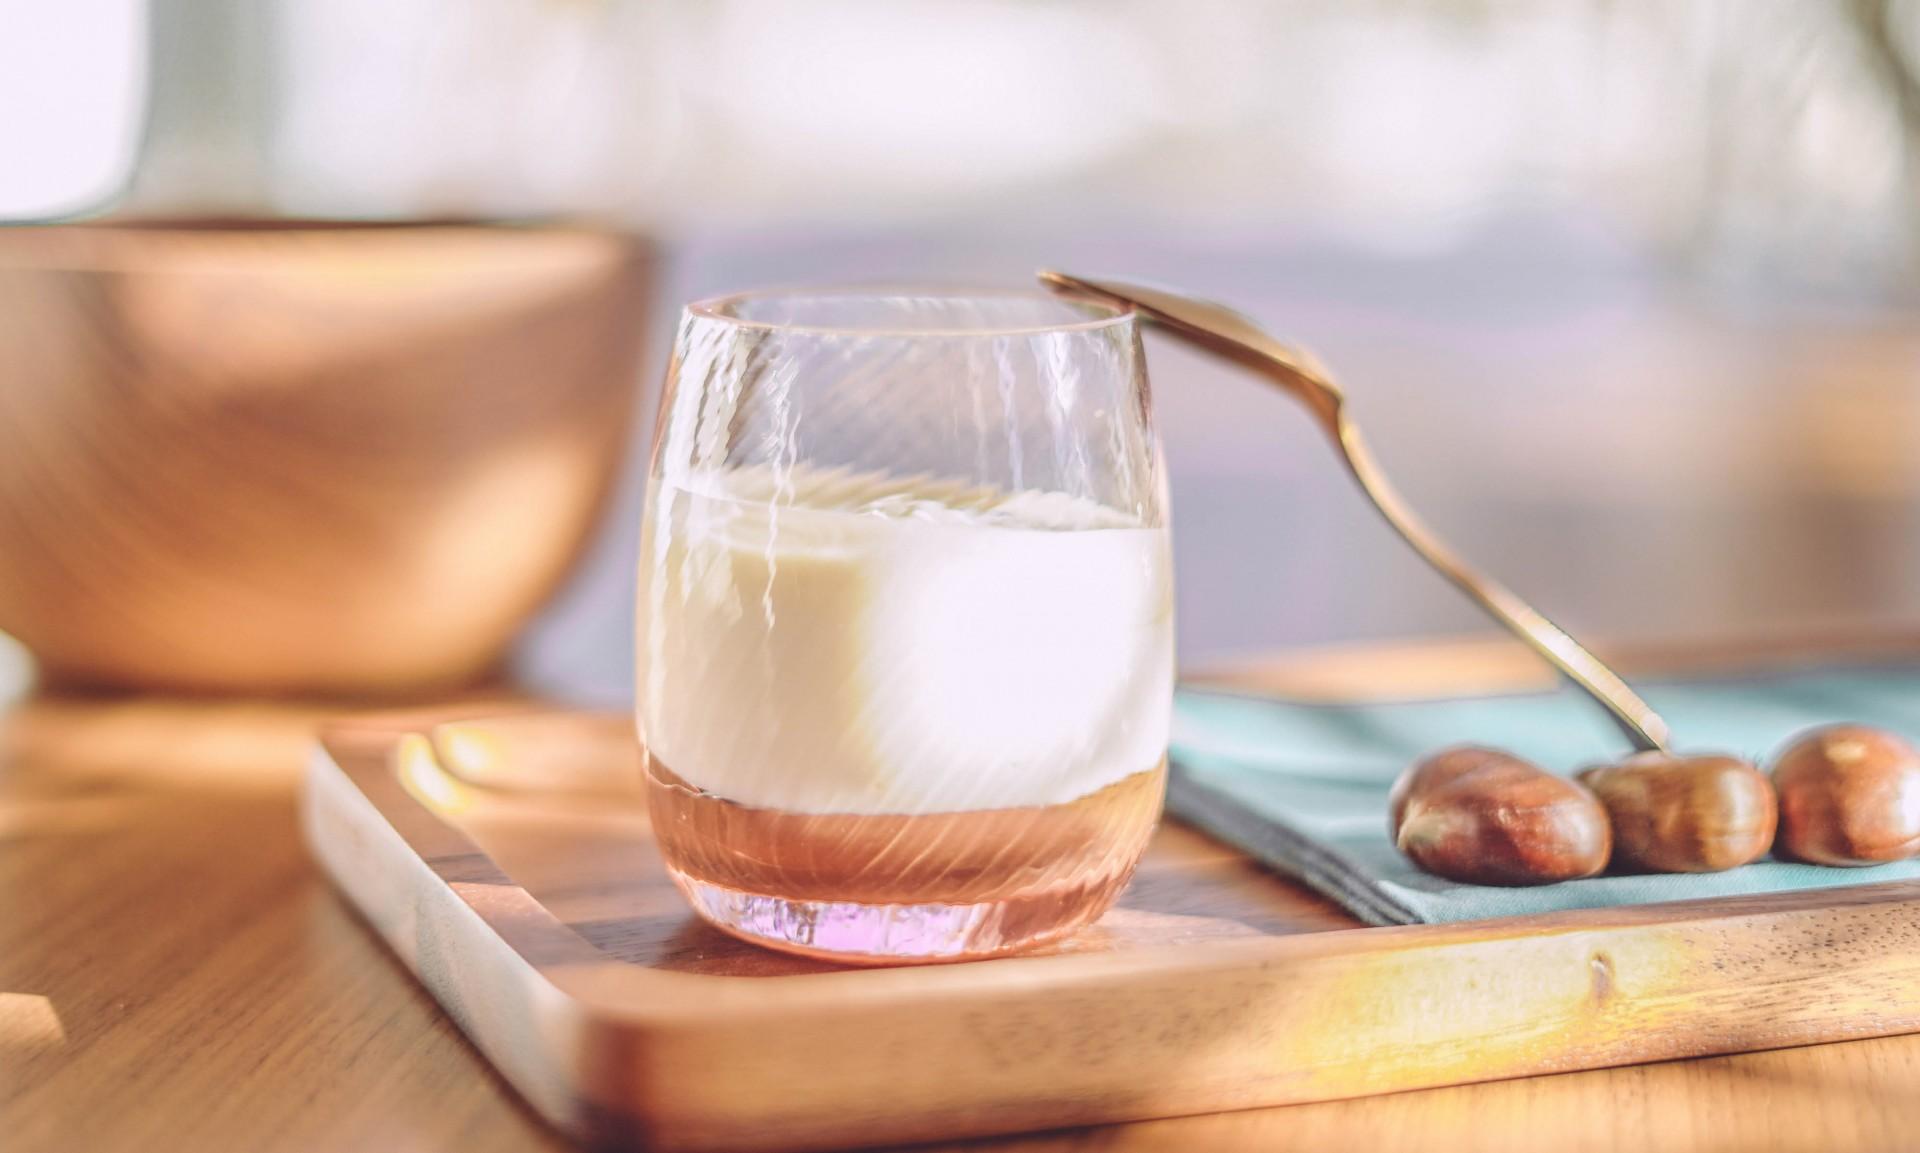 Mitos y bondades de la leche